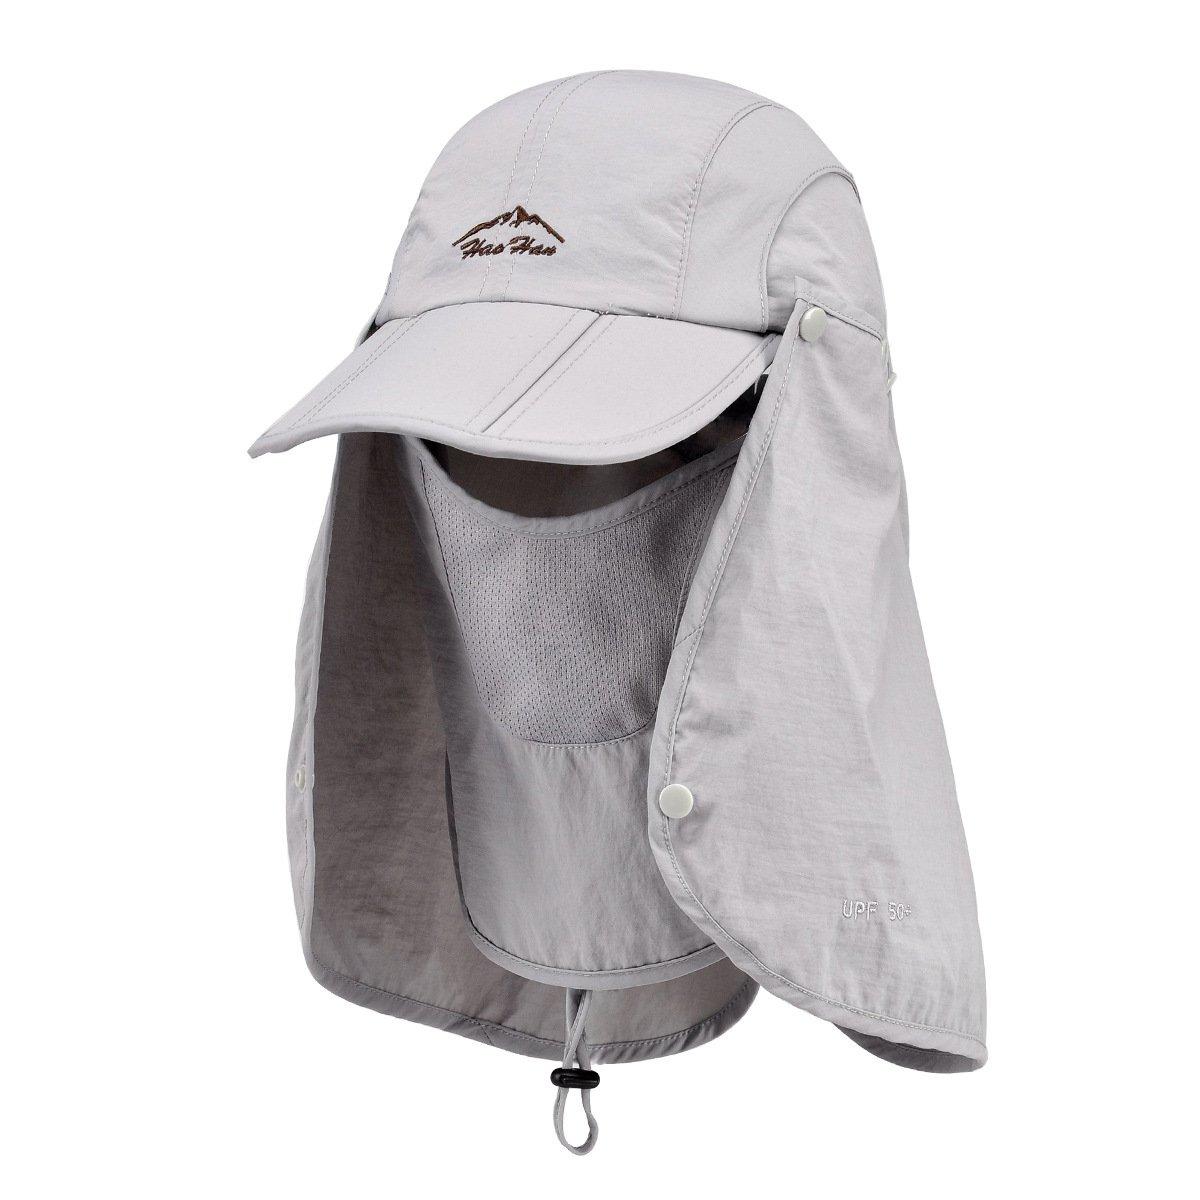 Belsen UPF 50+ Summer Hat Neck Protection Flap Cap (Light Grey) by Belsen